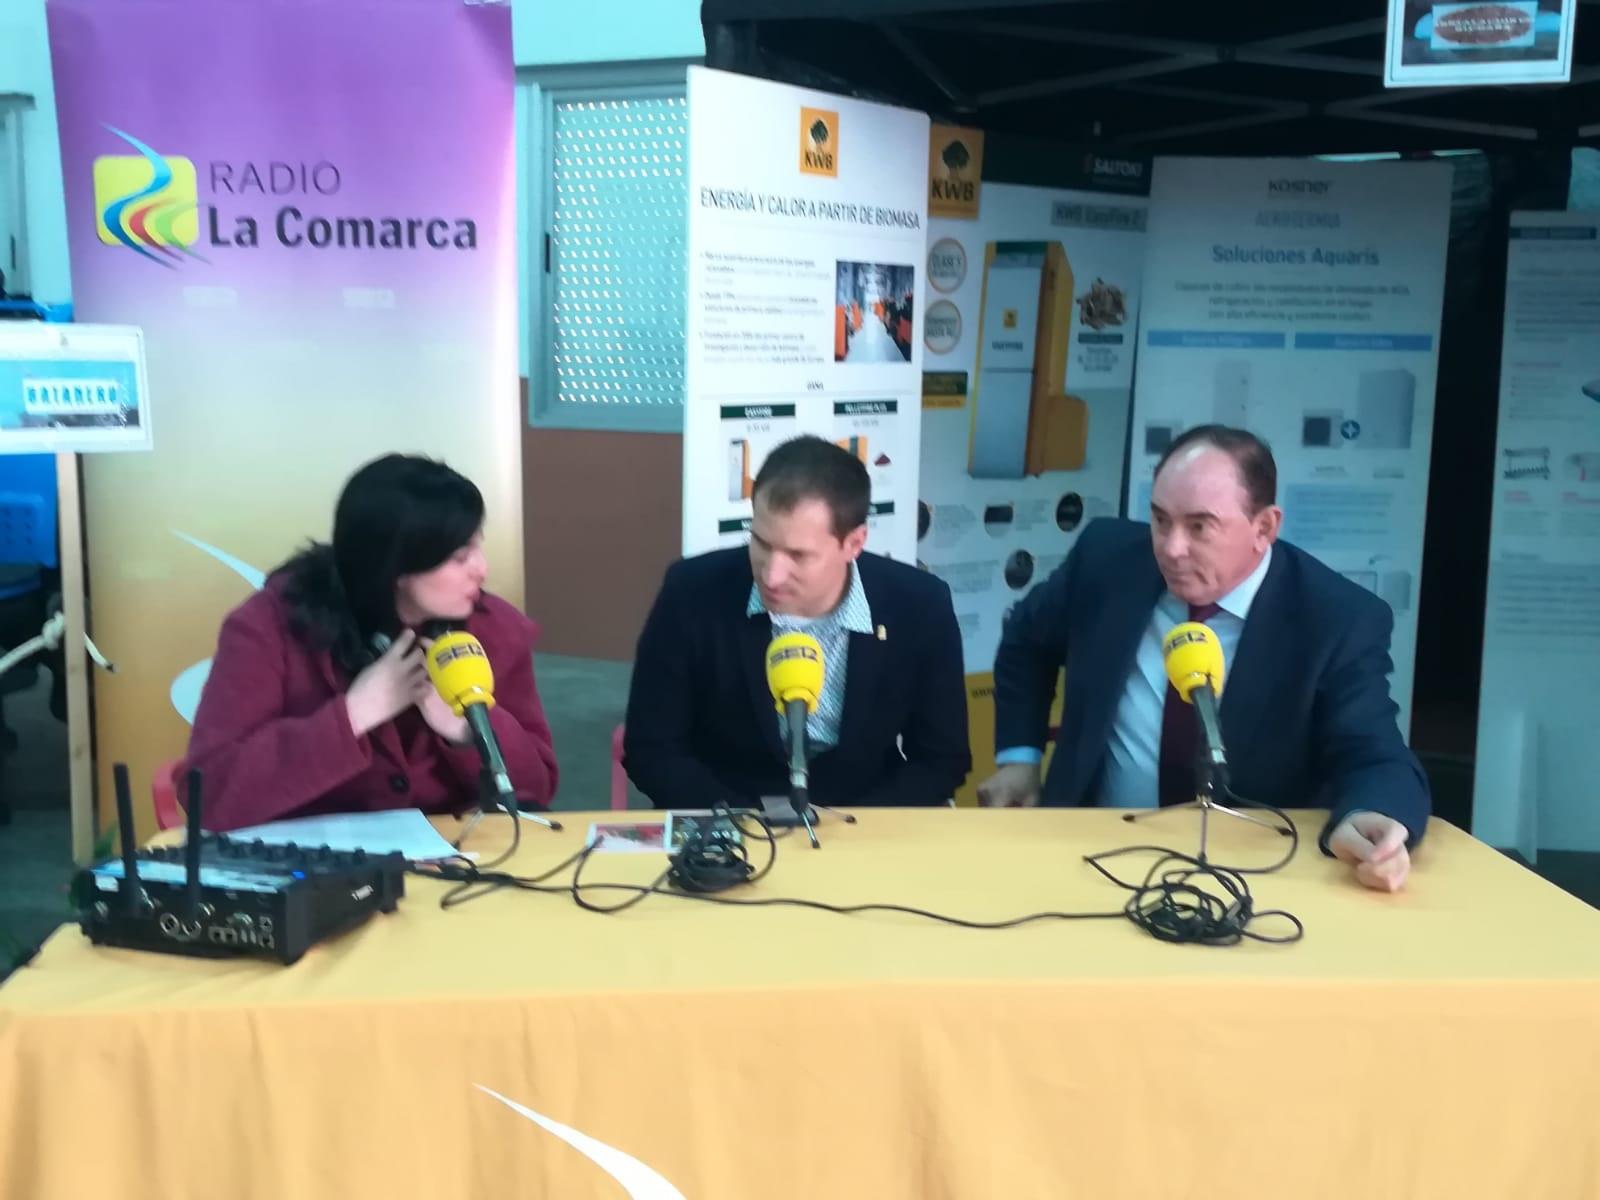 Laura Quílez junto al alcalde de Valdealgorfa, Ángel Antolín y el delegadao del Gobierno de Aragón en Teruel, Benito Ros